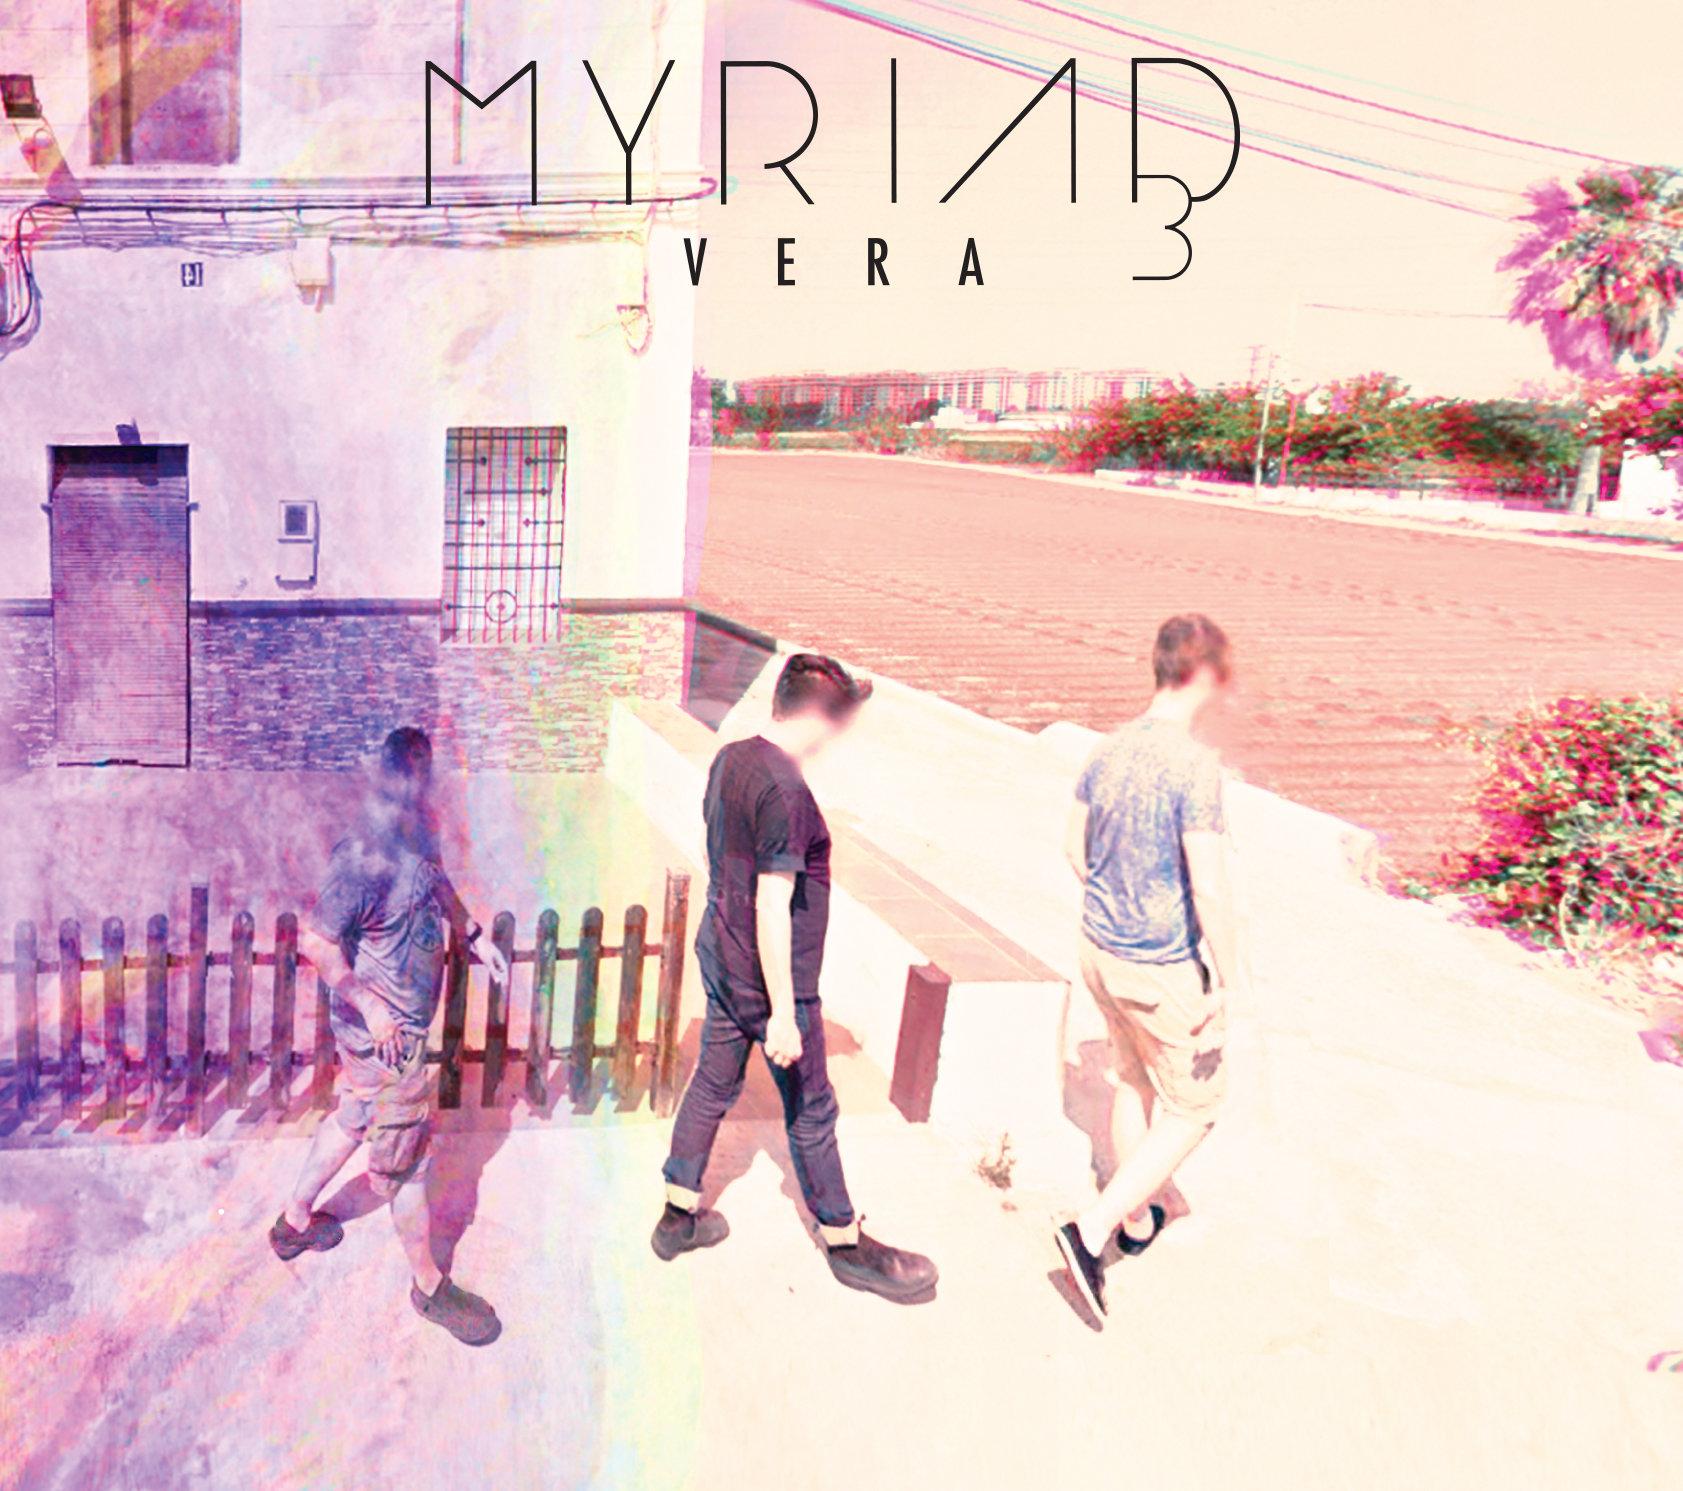 Vera es el nuevo disco de Myriad3